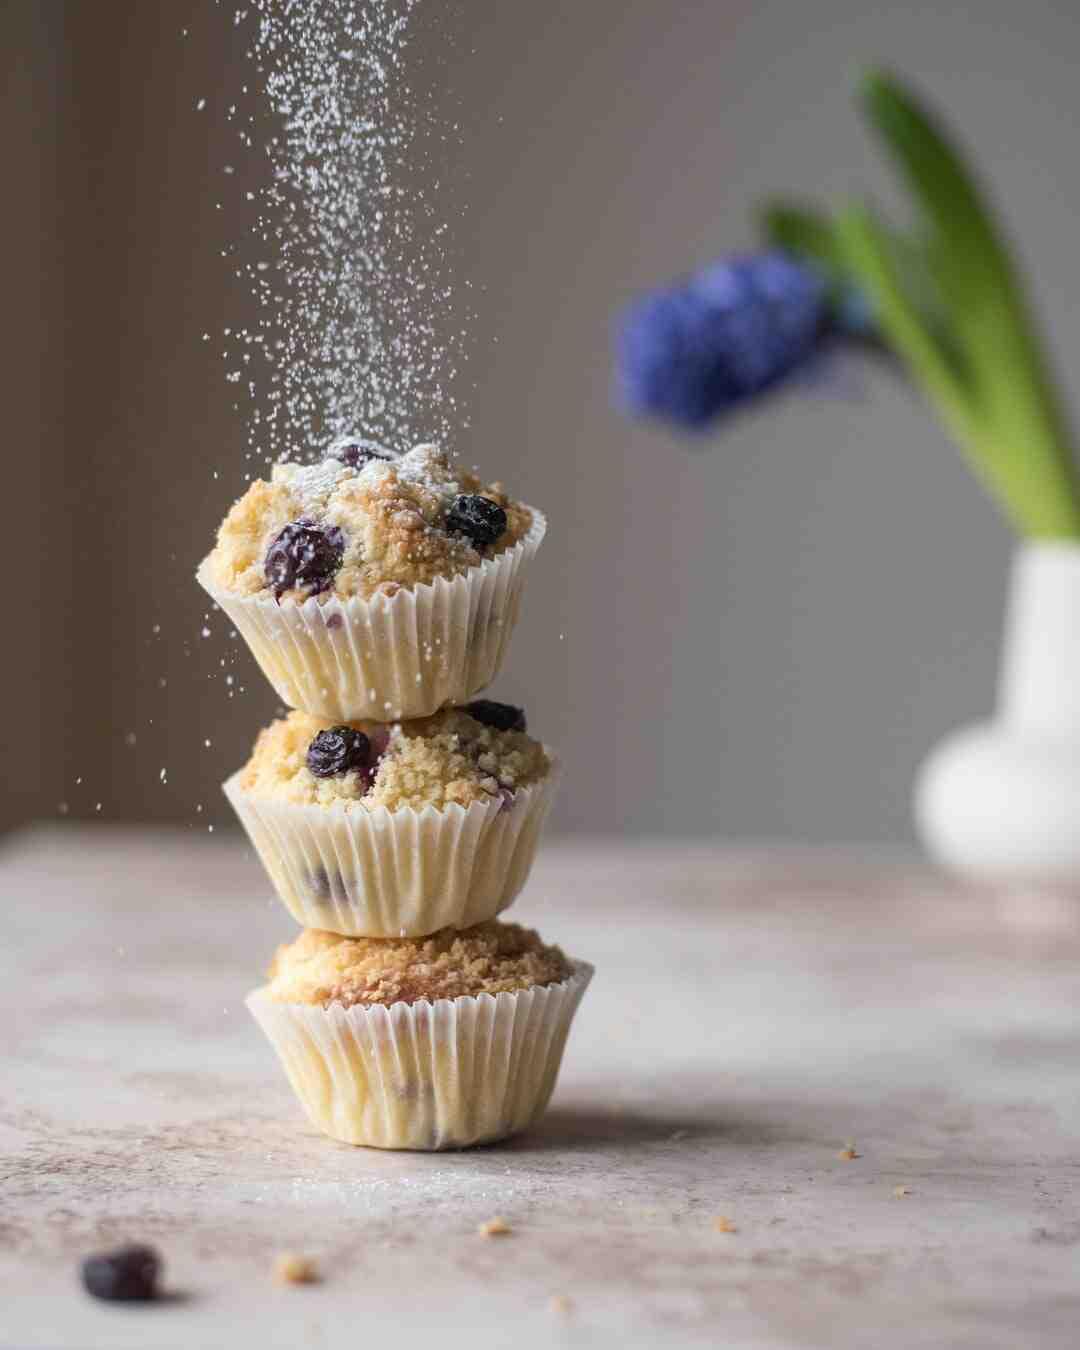 Comment faire pour que le Nutella ne tombe pas au fond des muffins ?